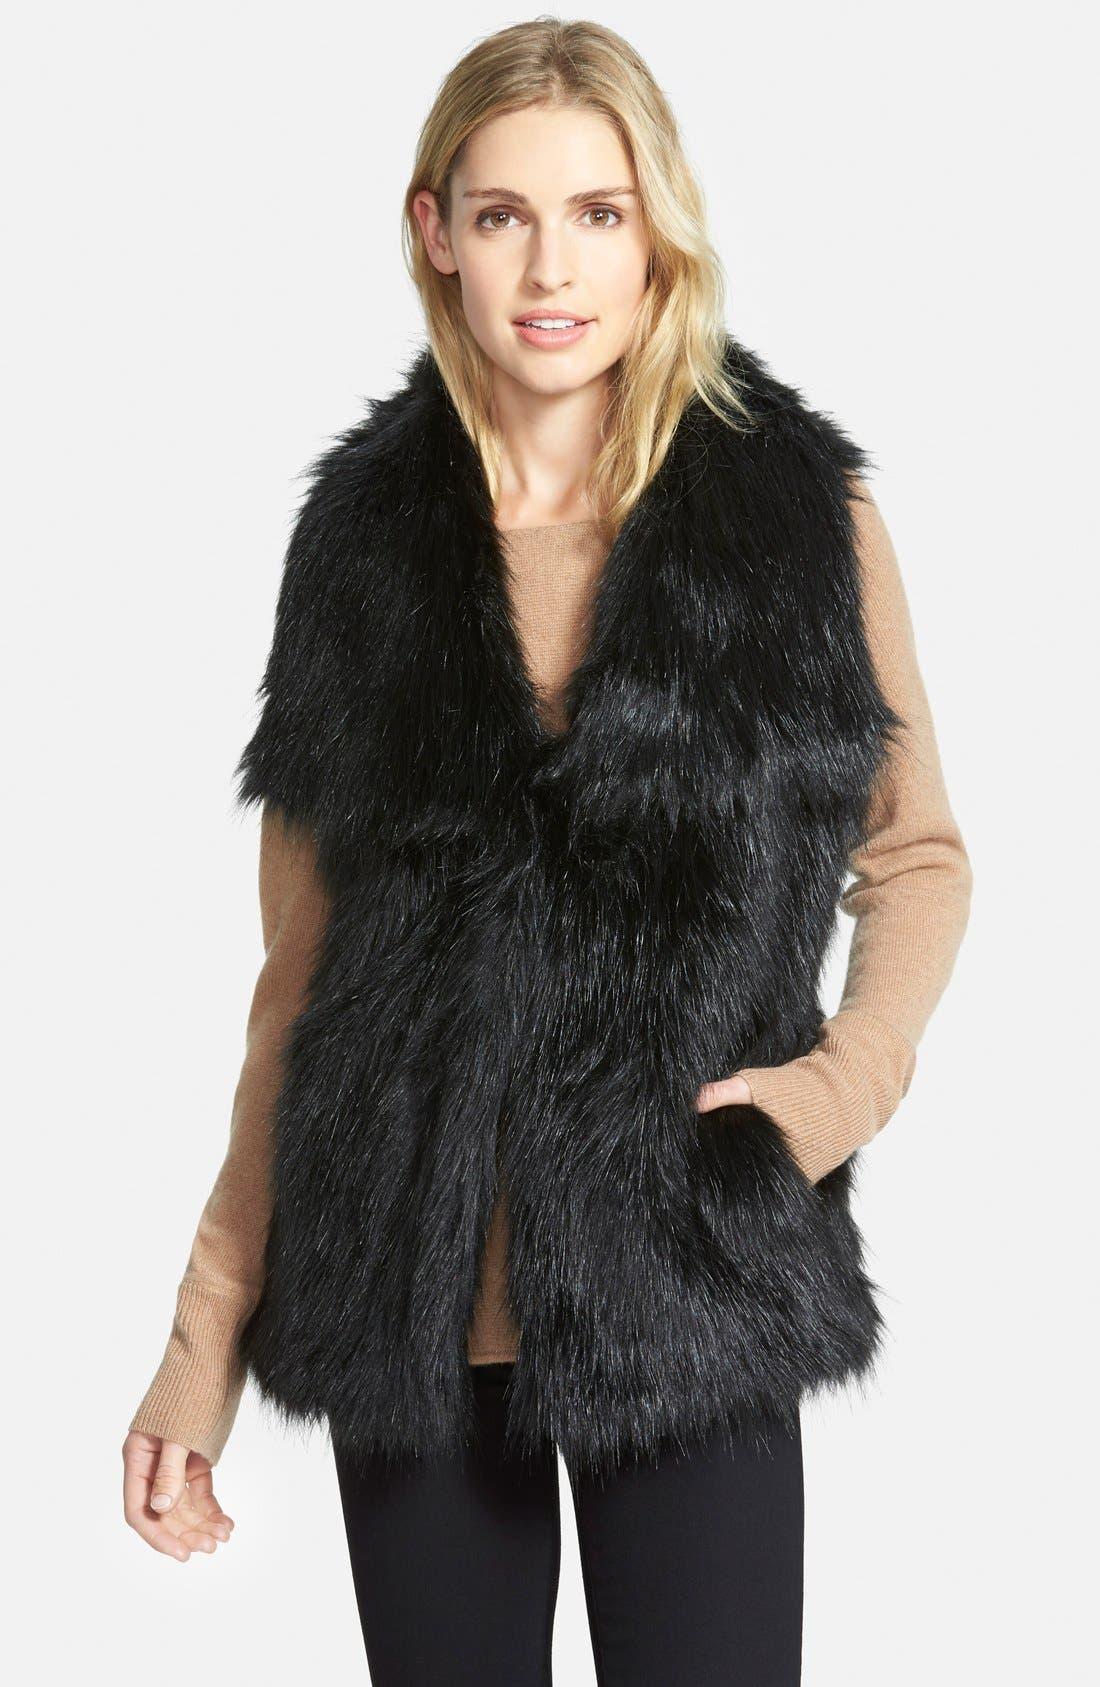 Alternate Image 1 Selected - Via Spiga Faux Fur Vest (Online Only)